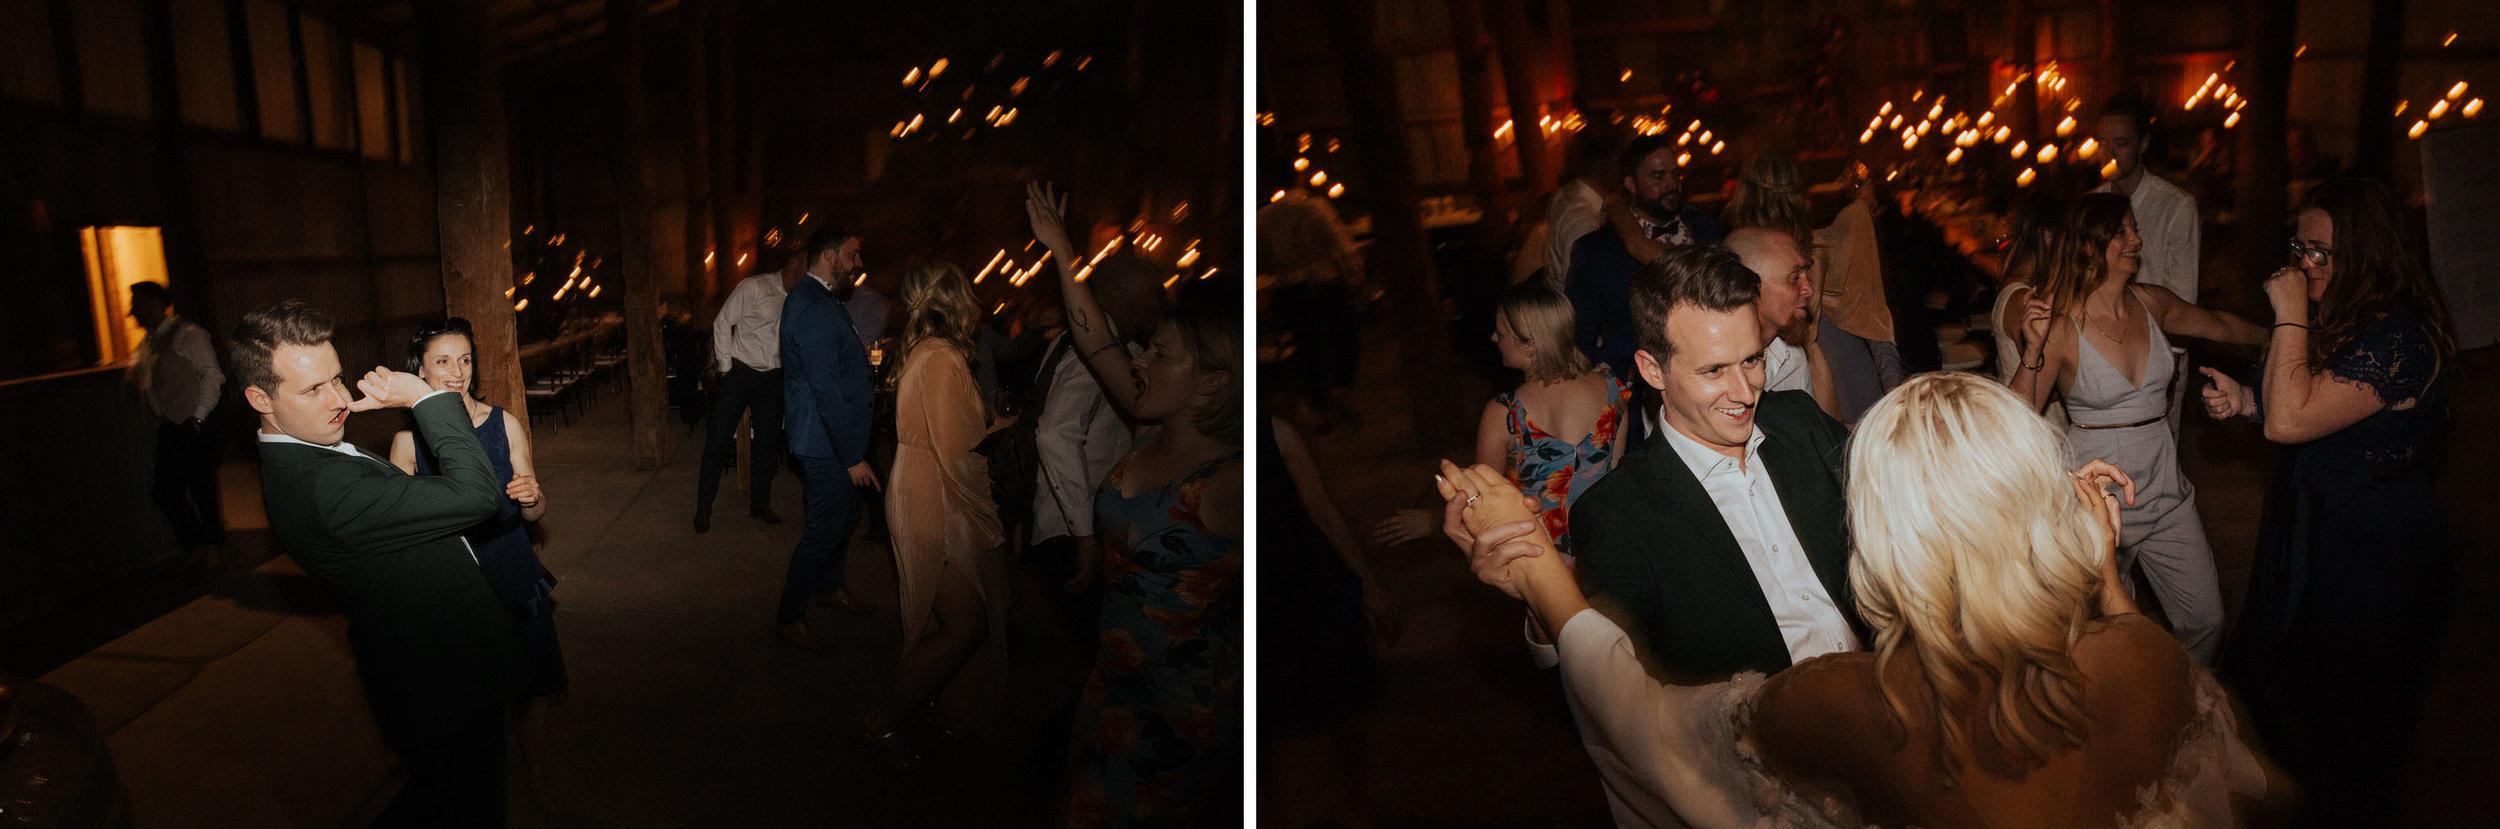 kimo-estate-wedding-photography-109.jpg